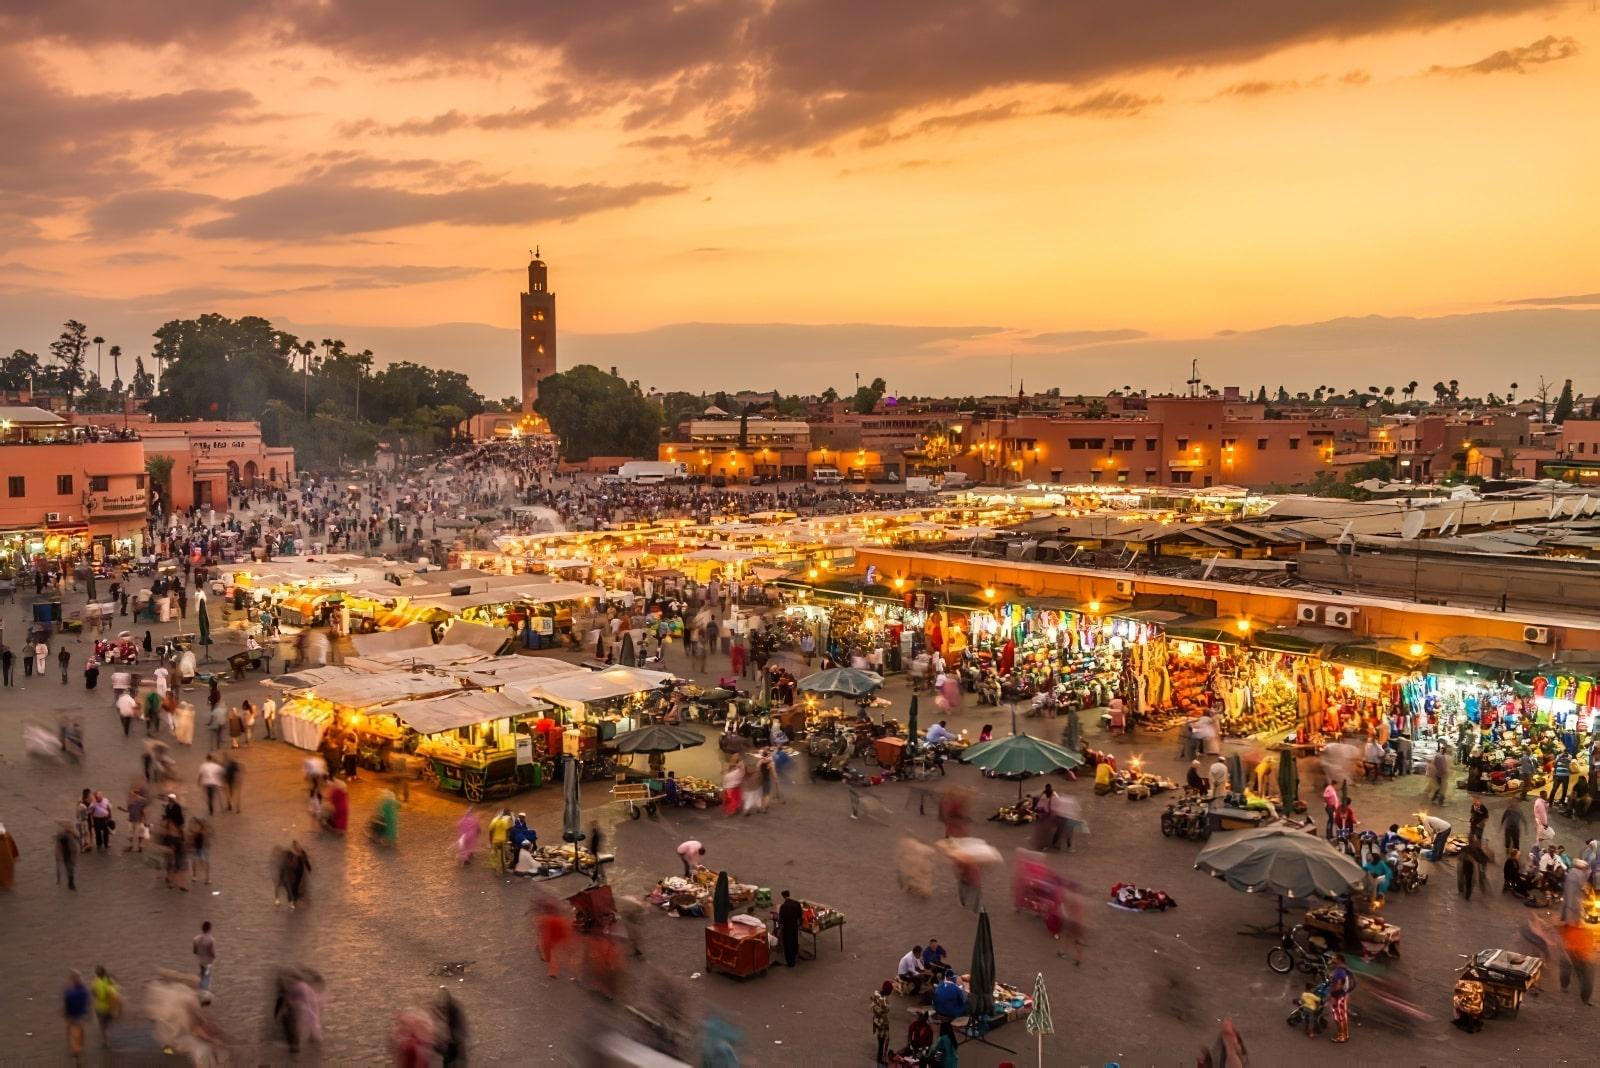 vue globale des souks de marrakech dans la medina